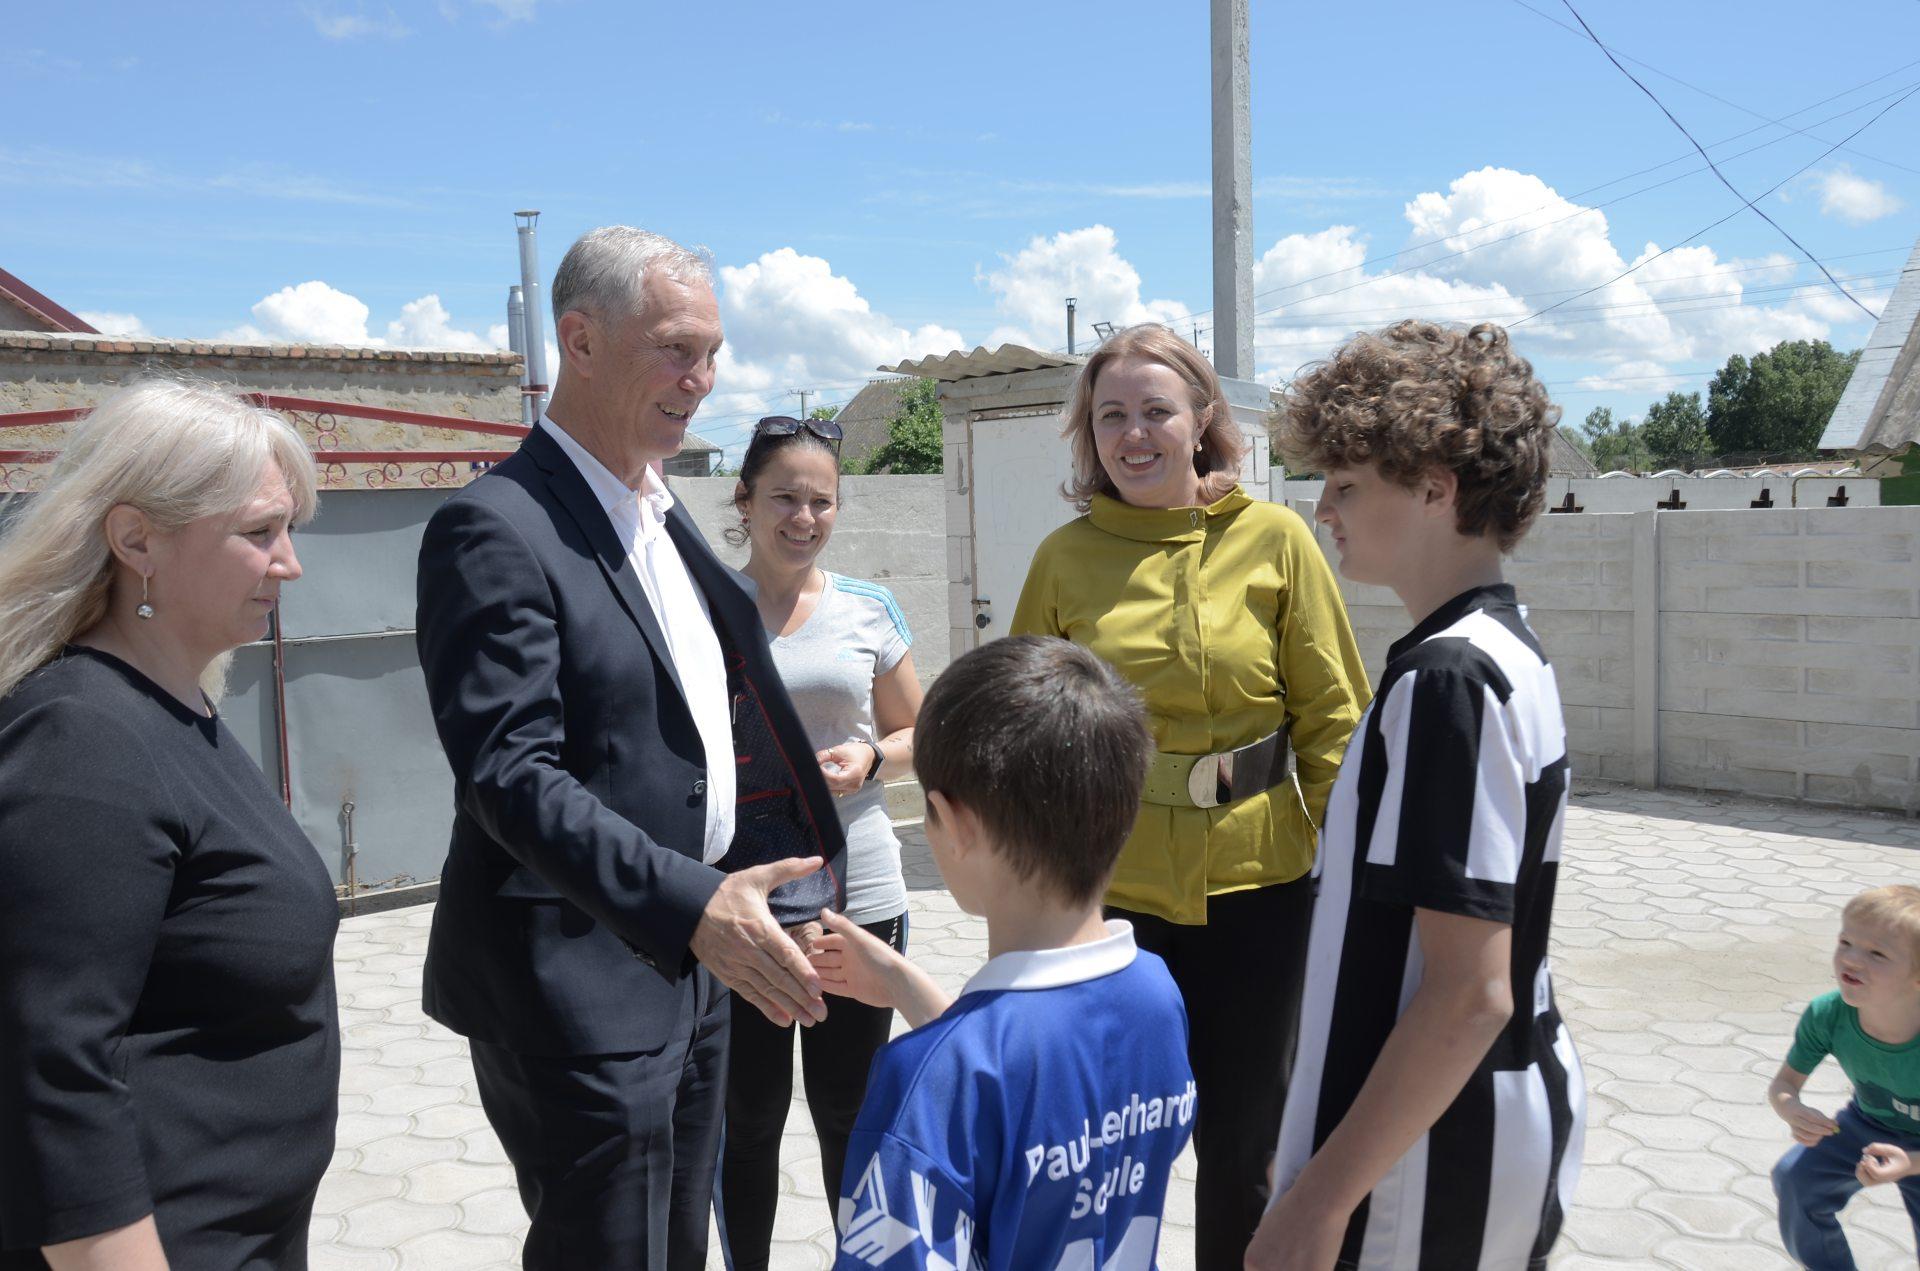 Сальдо отметил День защиты детей в кругу семьи